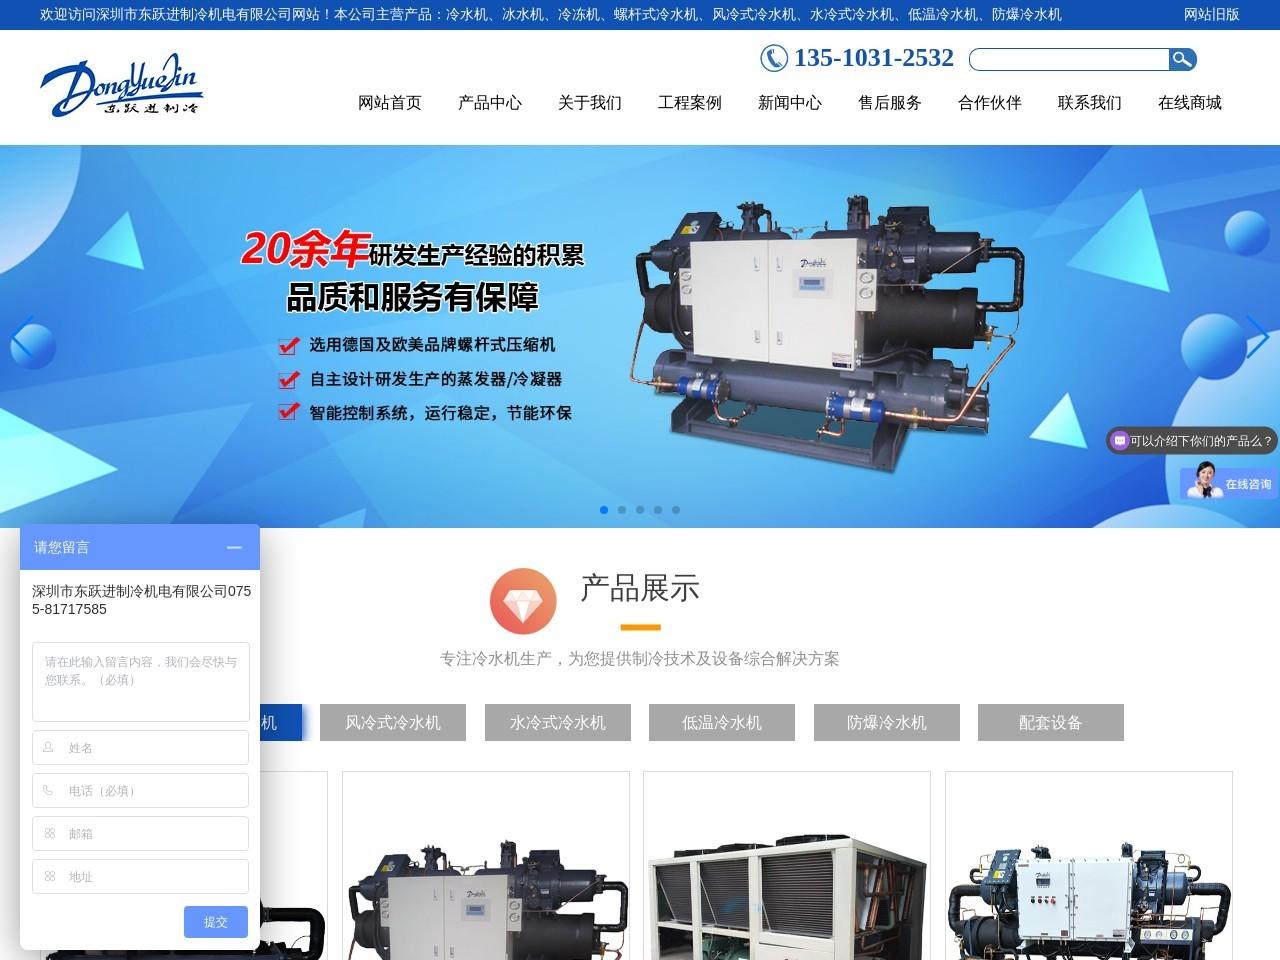 深圳东跃进制冷机电有限公司